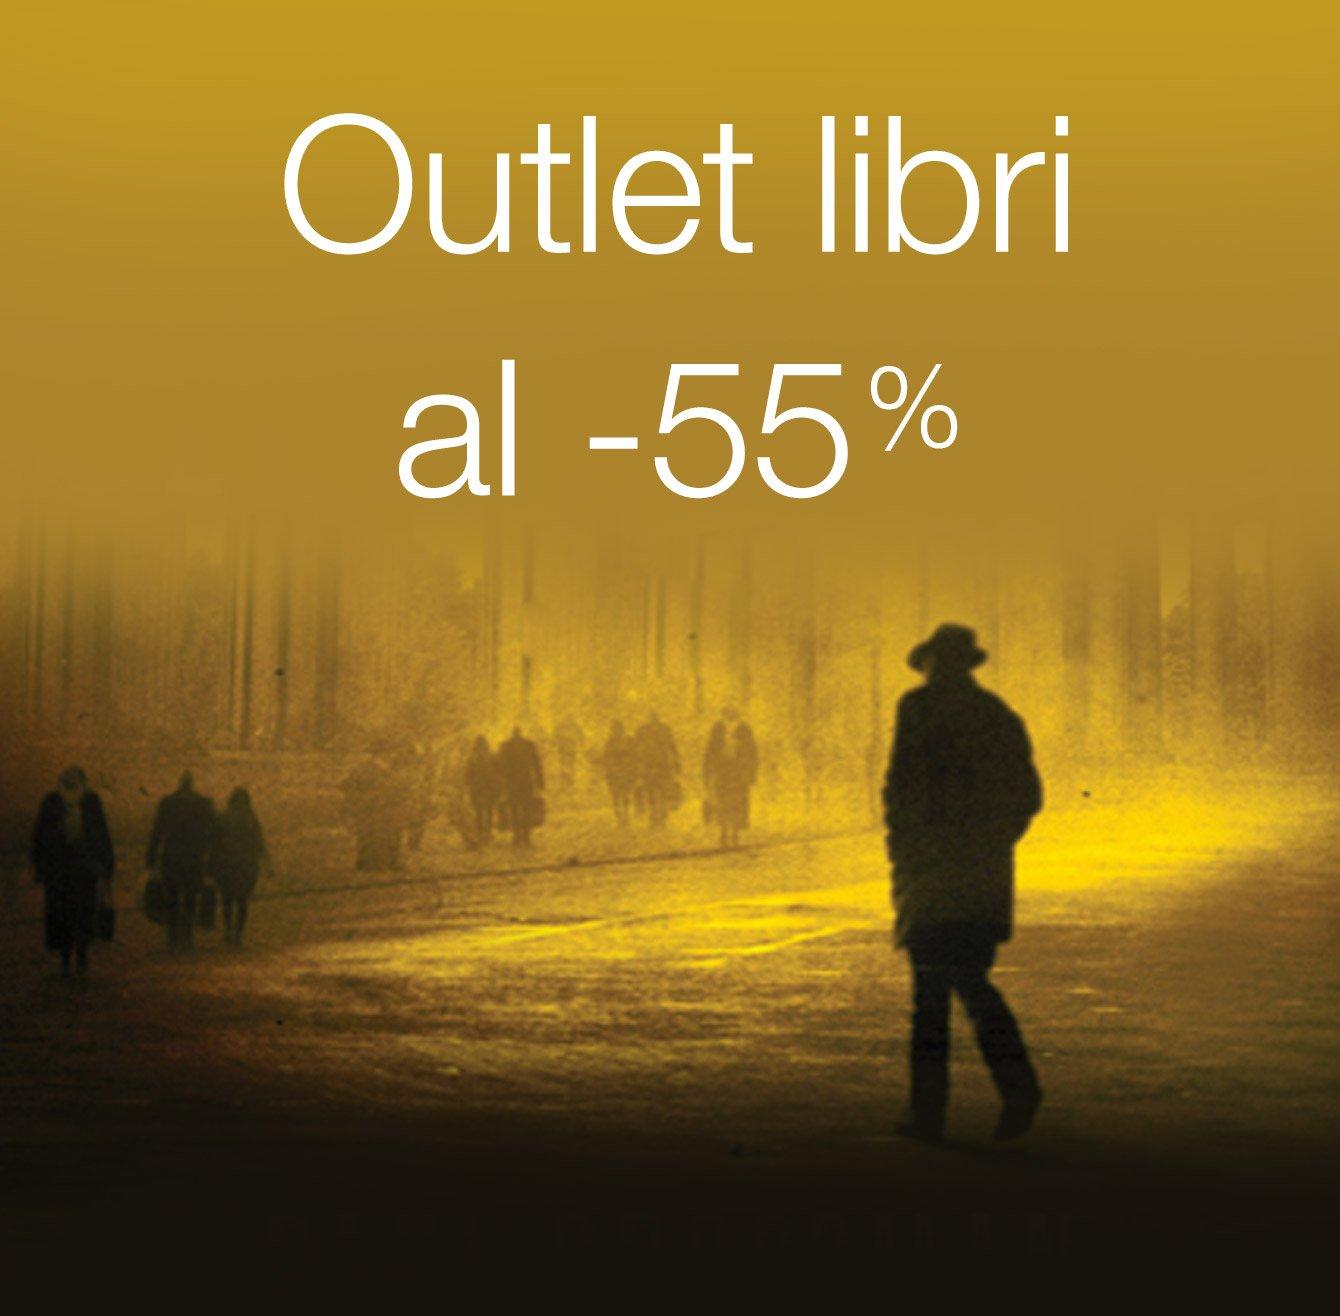 Outlet libri al -55%